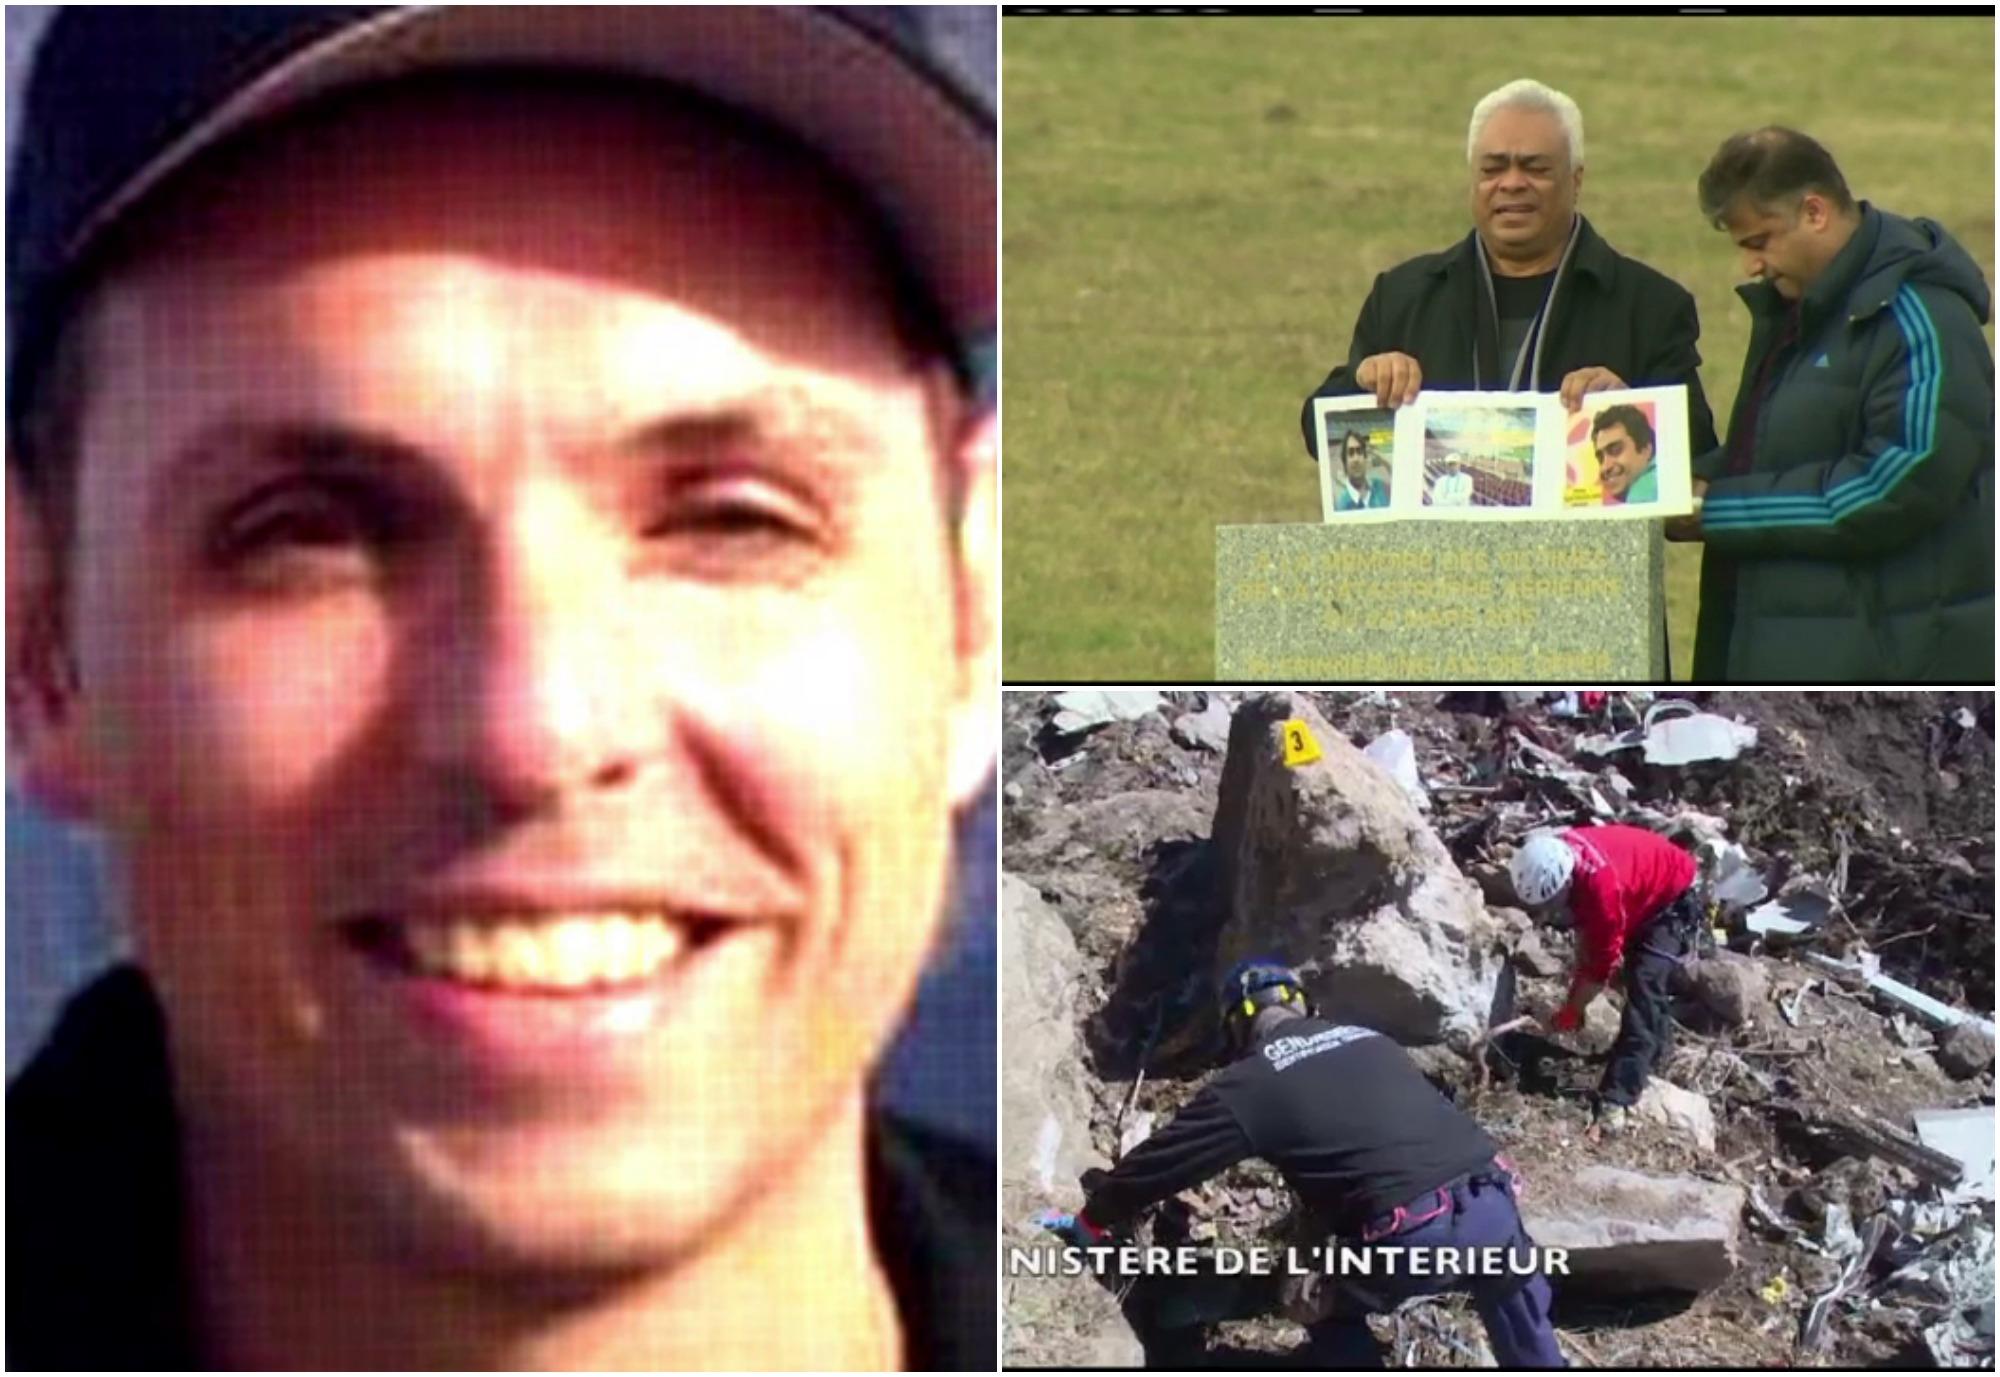 Ultimul email trimis de pilotul Germanwings, Andreas Lubitz, care a prabusit un avion cu 149 de persoane, facut public